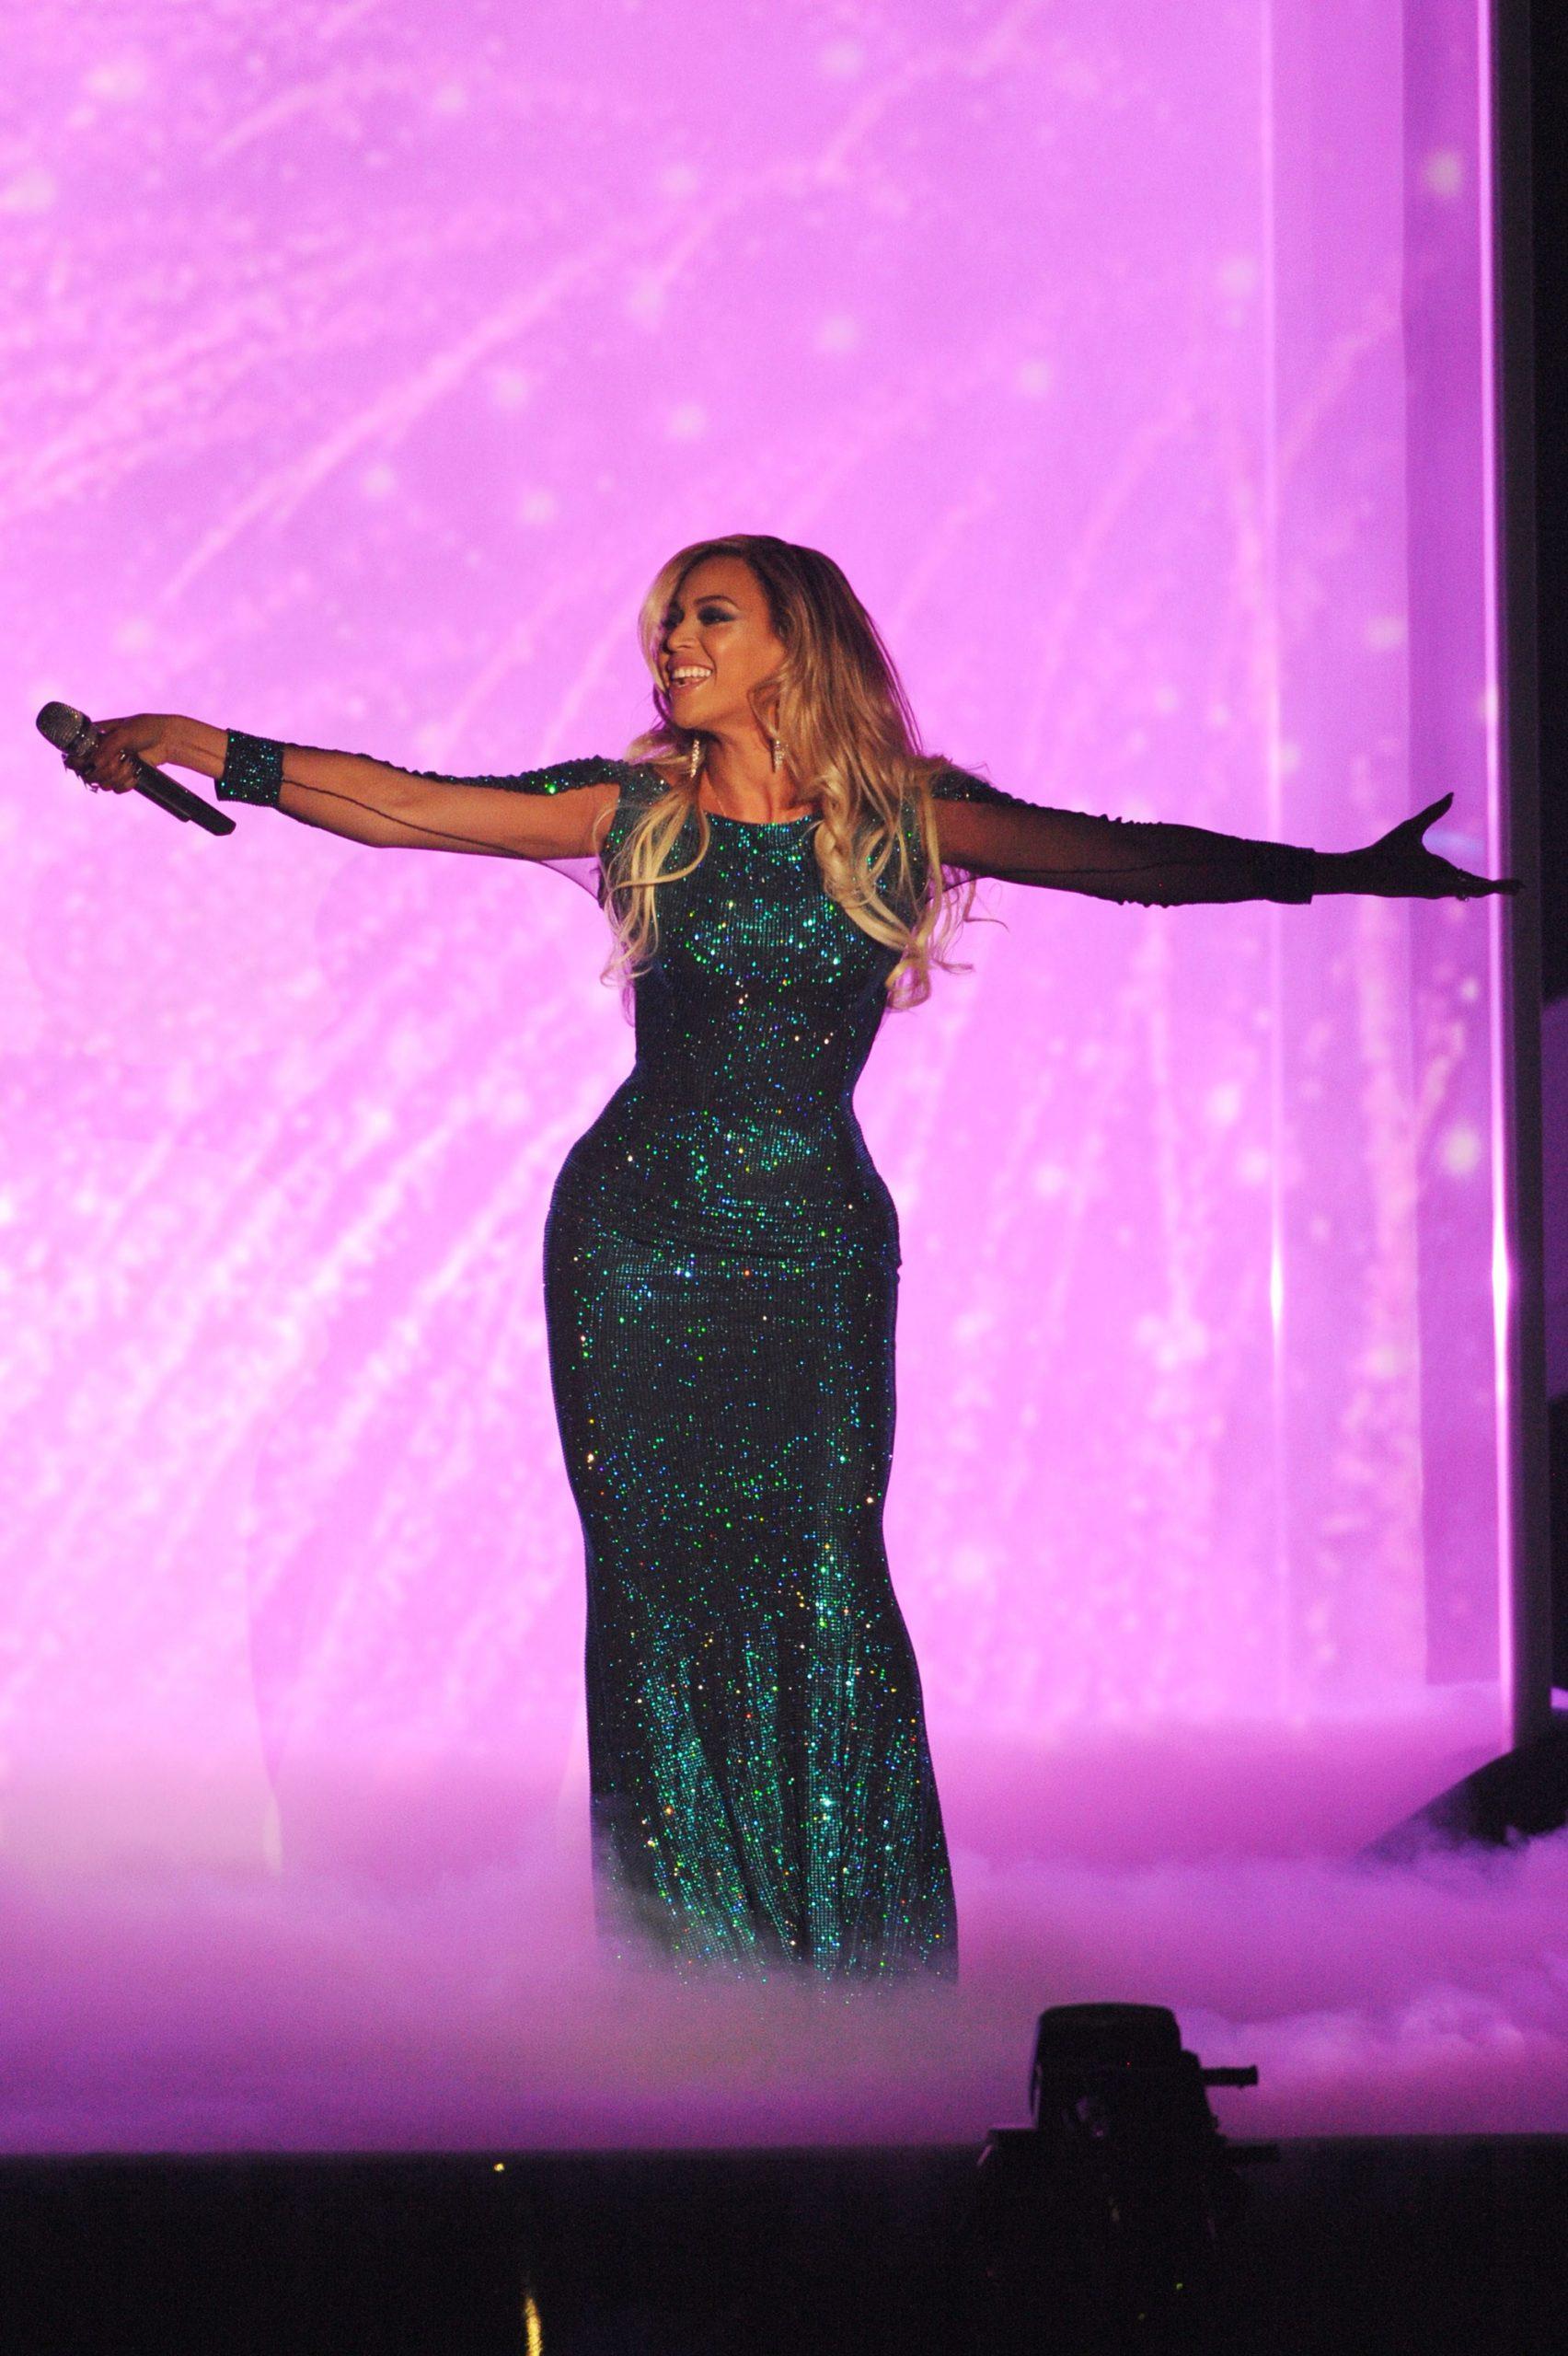 Curves: Beyonce Knowles